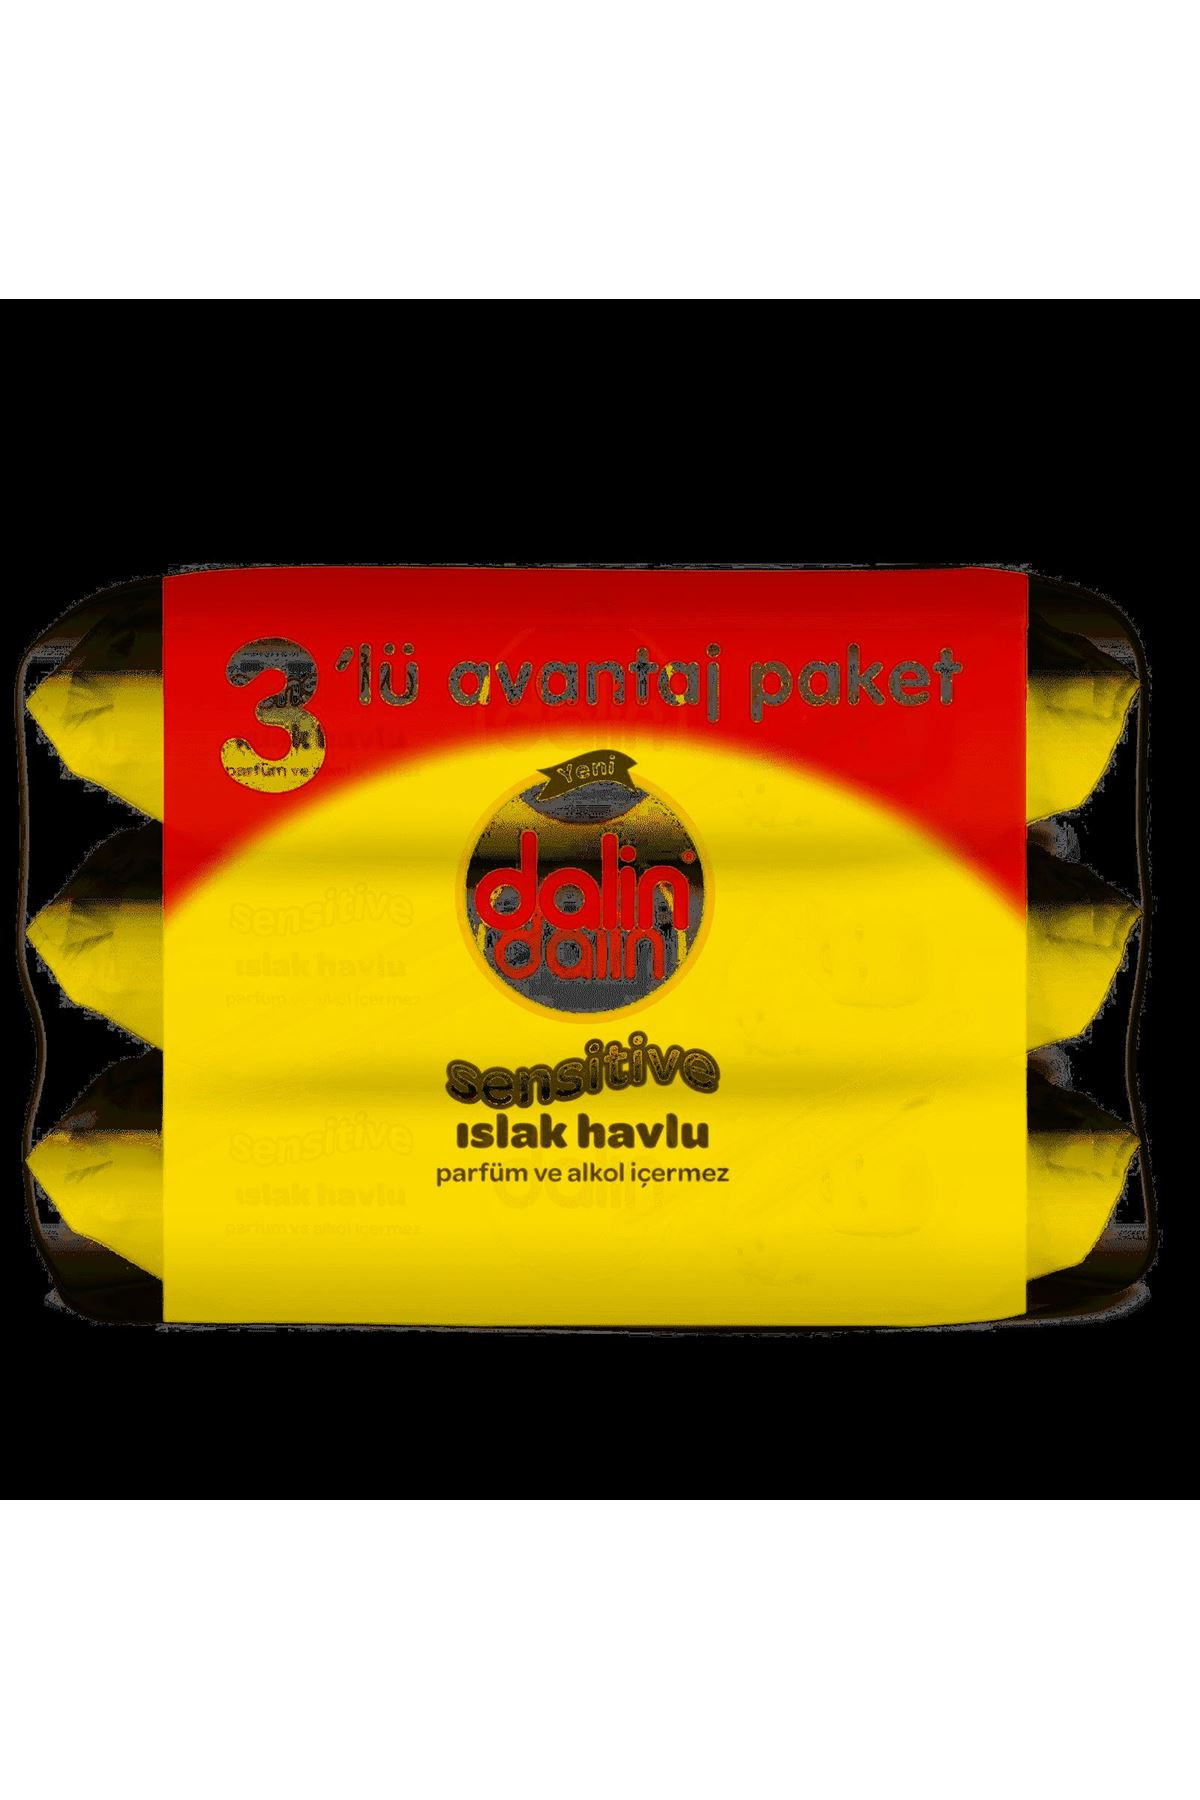 Dalin Sensitive Islak Havlu Mendil 3 lü 3x52 156 Adet